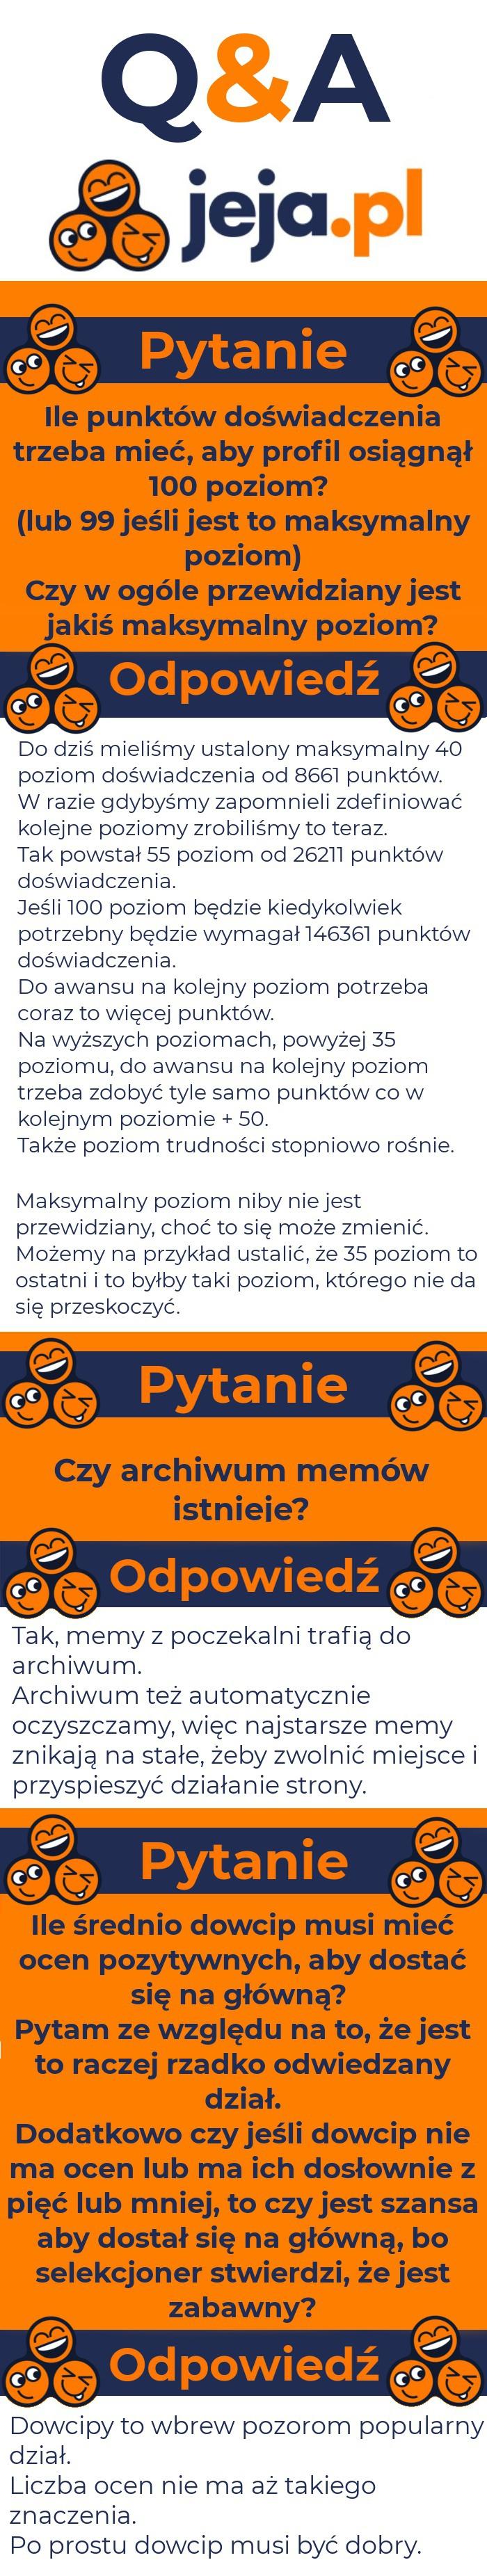 Pytania i odpowiedzi Jeja.pl